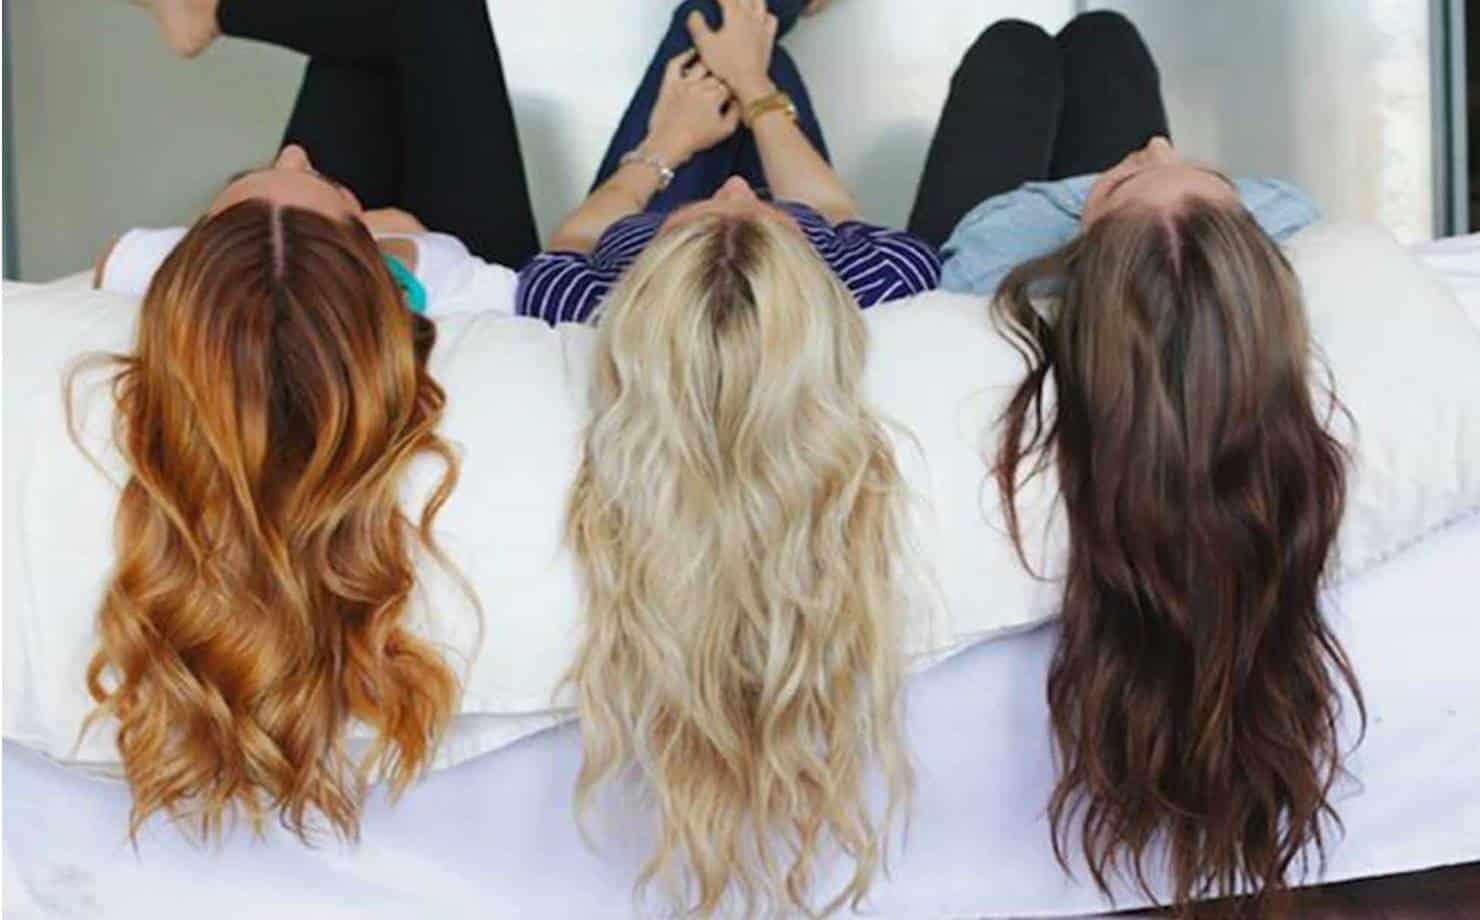 Mulheres Exibindo Cabelos Coloridos